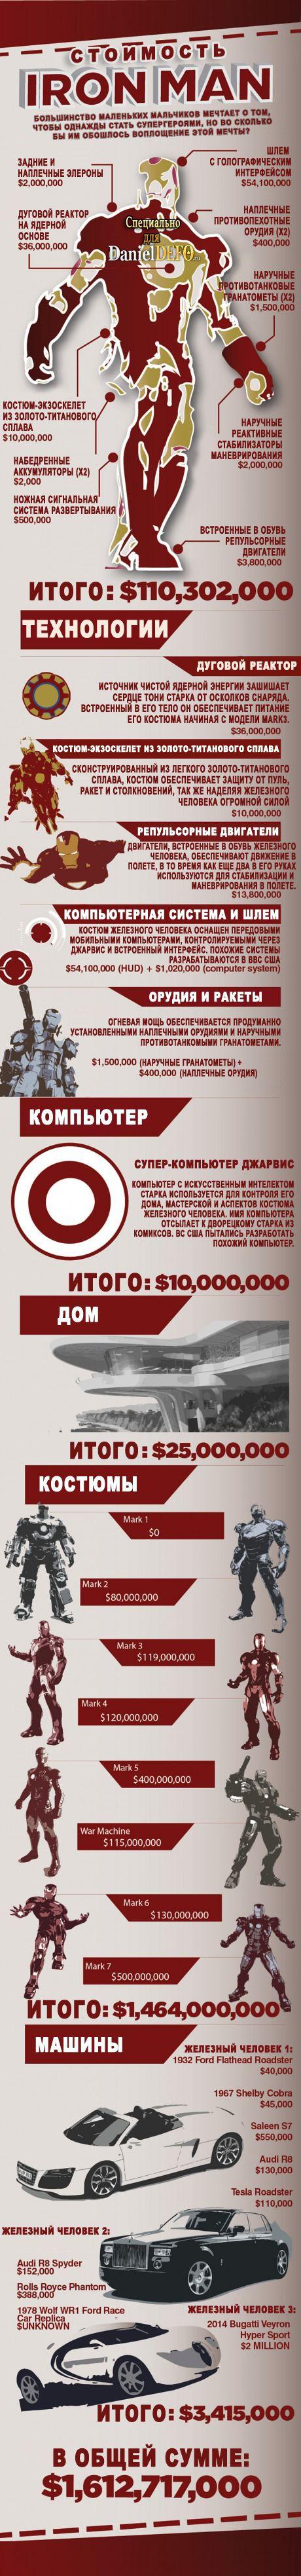 Сколько нужно денег, чтобы стать Железным Человеком (1 картинка)